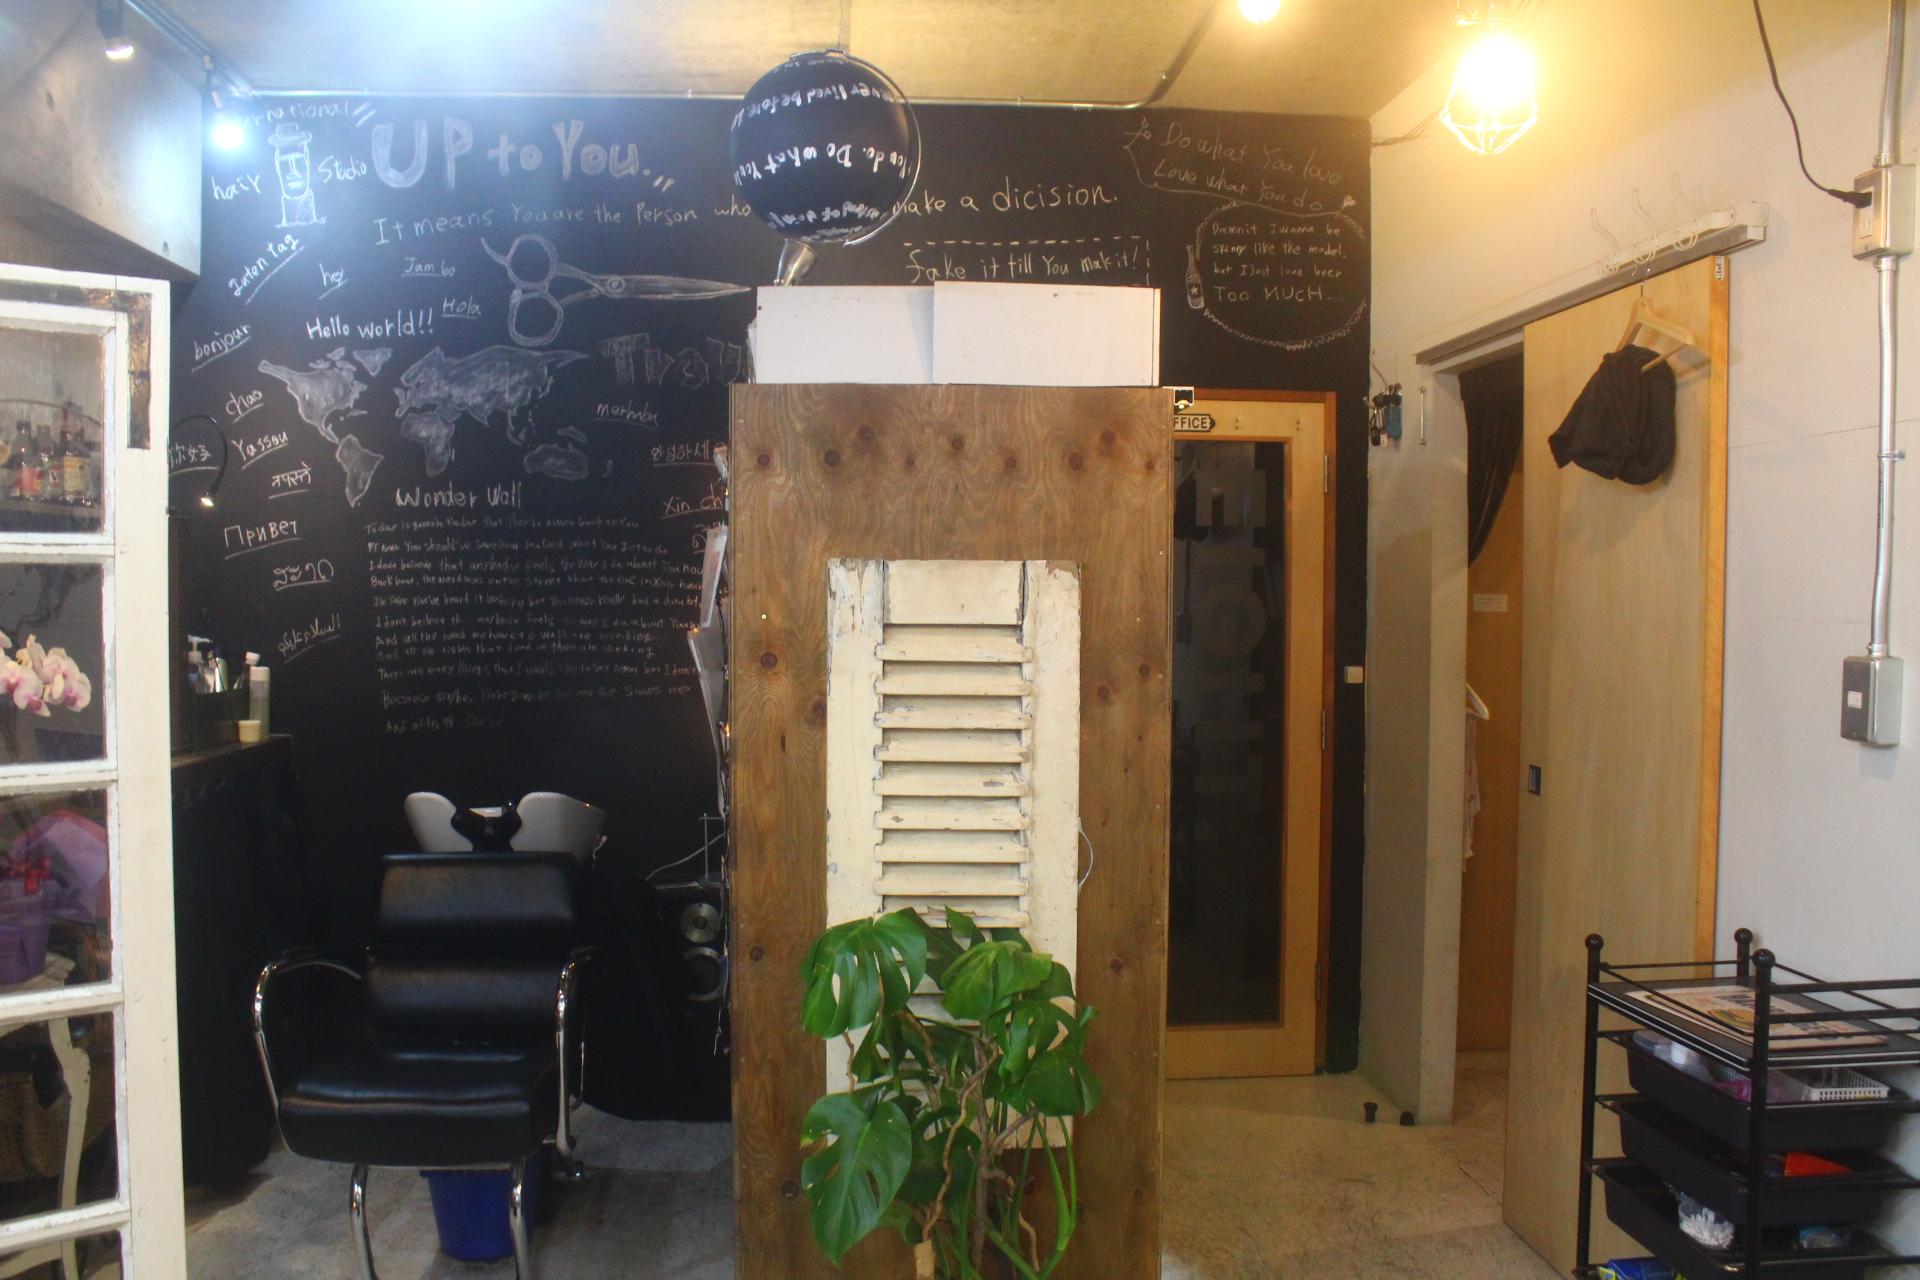 壁に色々書いてあるシャンプー台